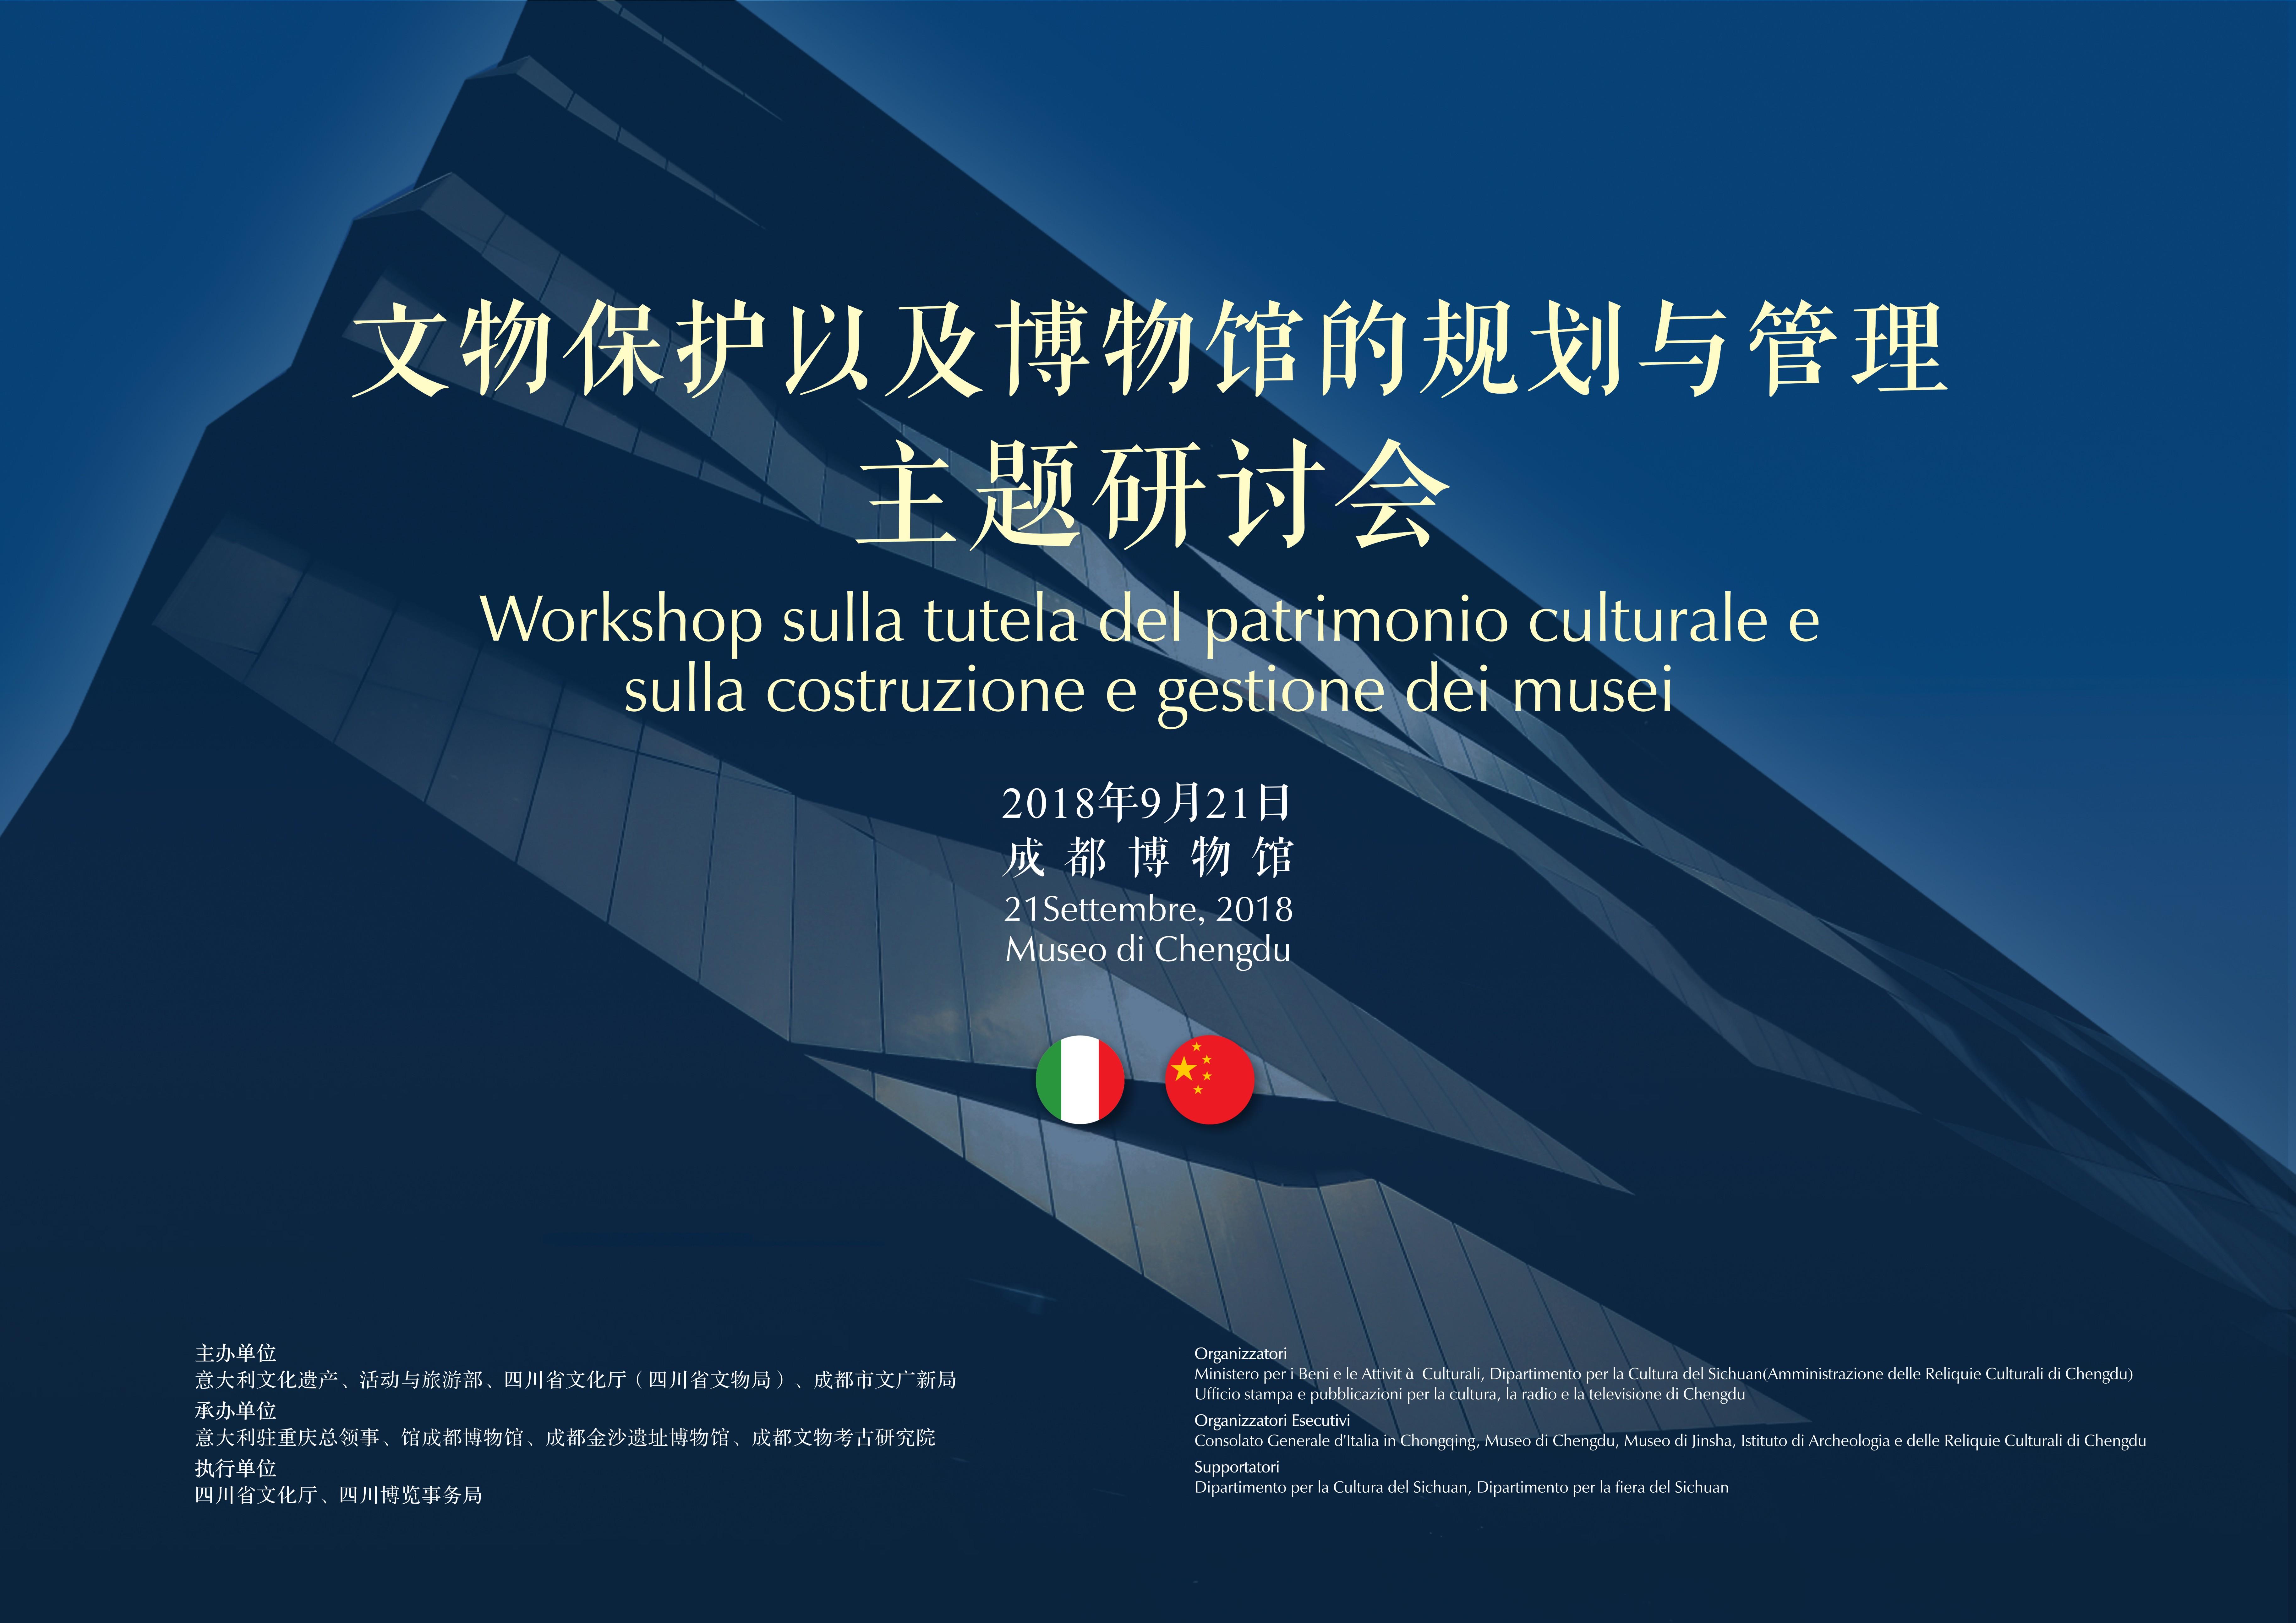 Tutela del patrimonio culturale e costruzione e gestione dei Musei – Museo di Chengdu (Cina) – 21 settembre 2018